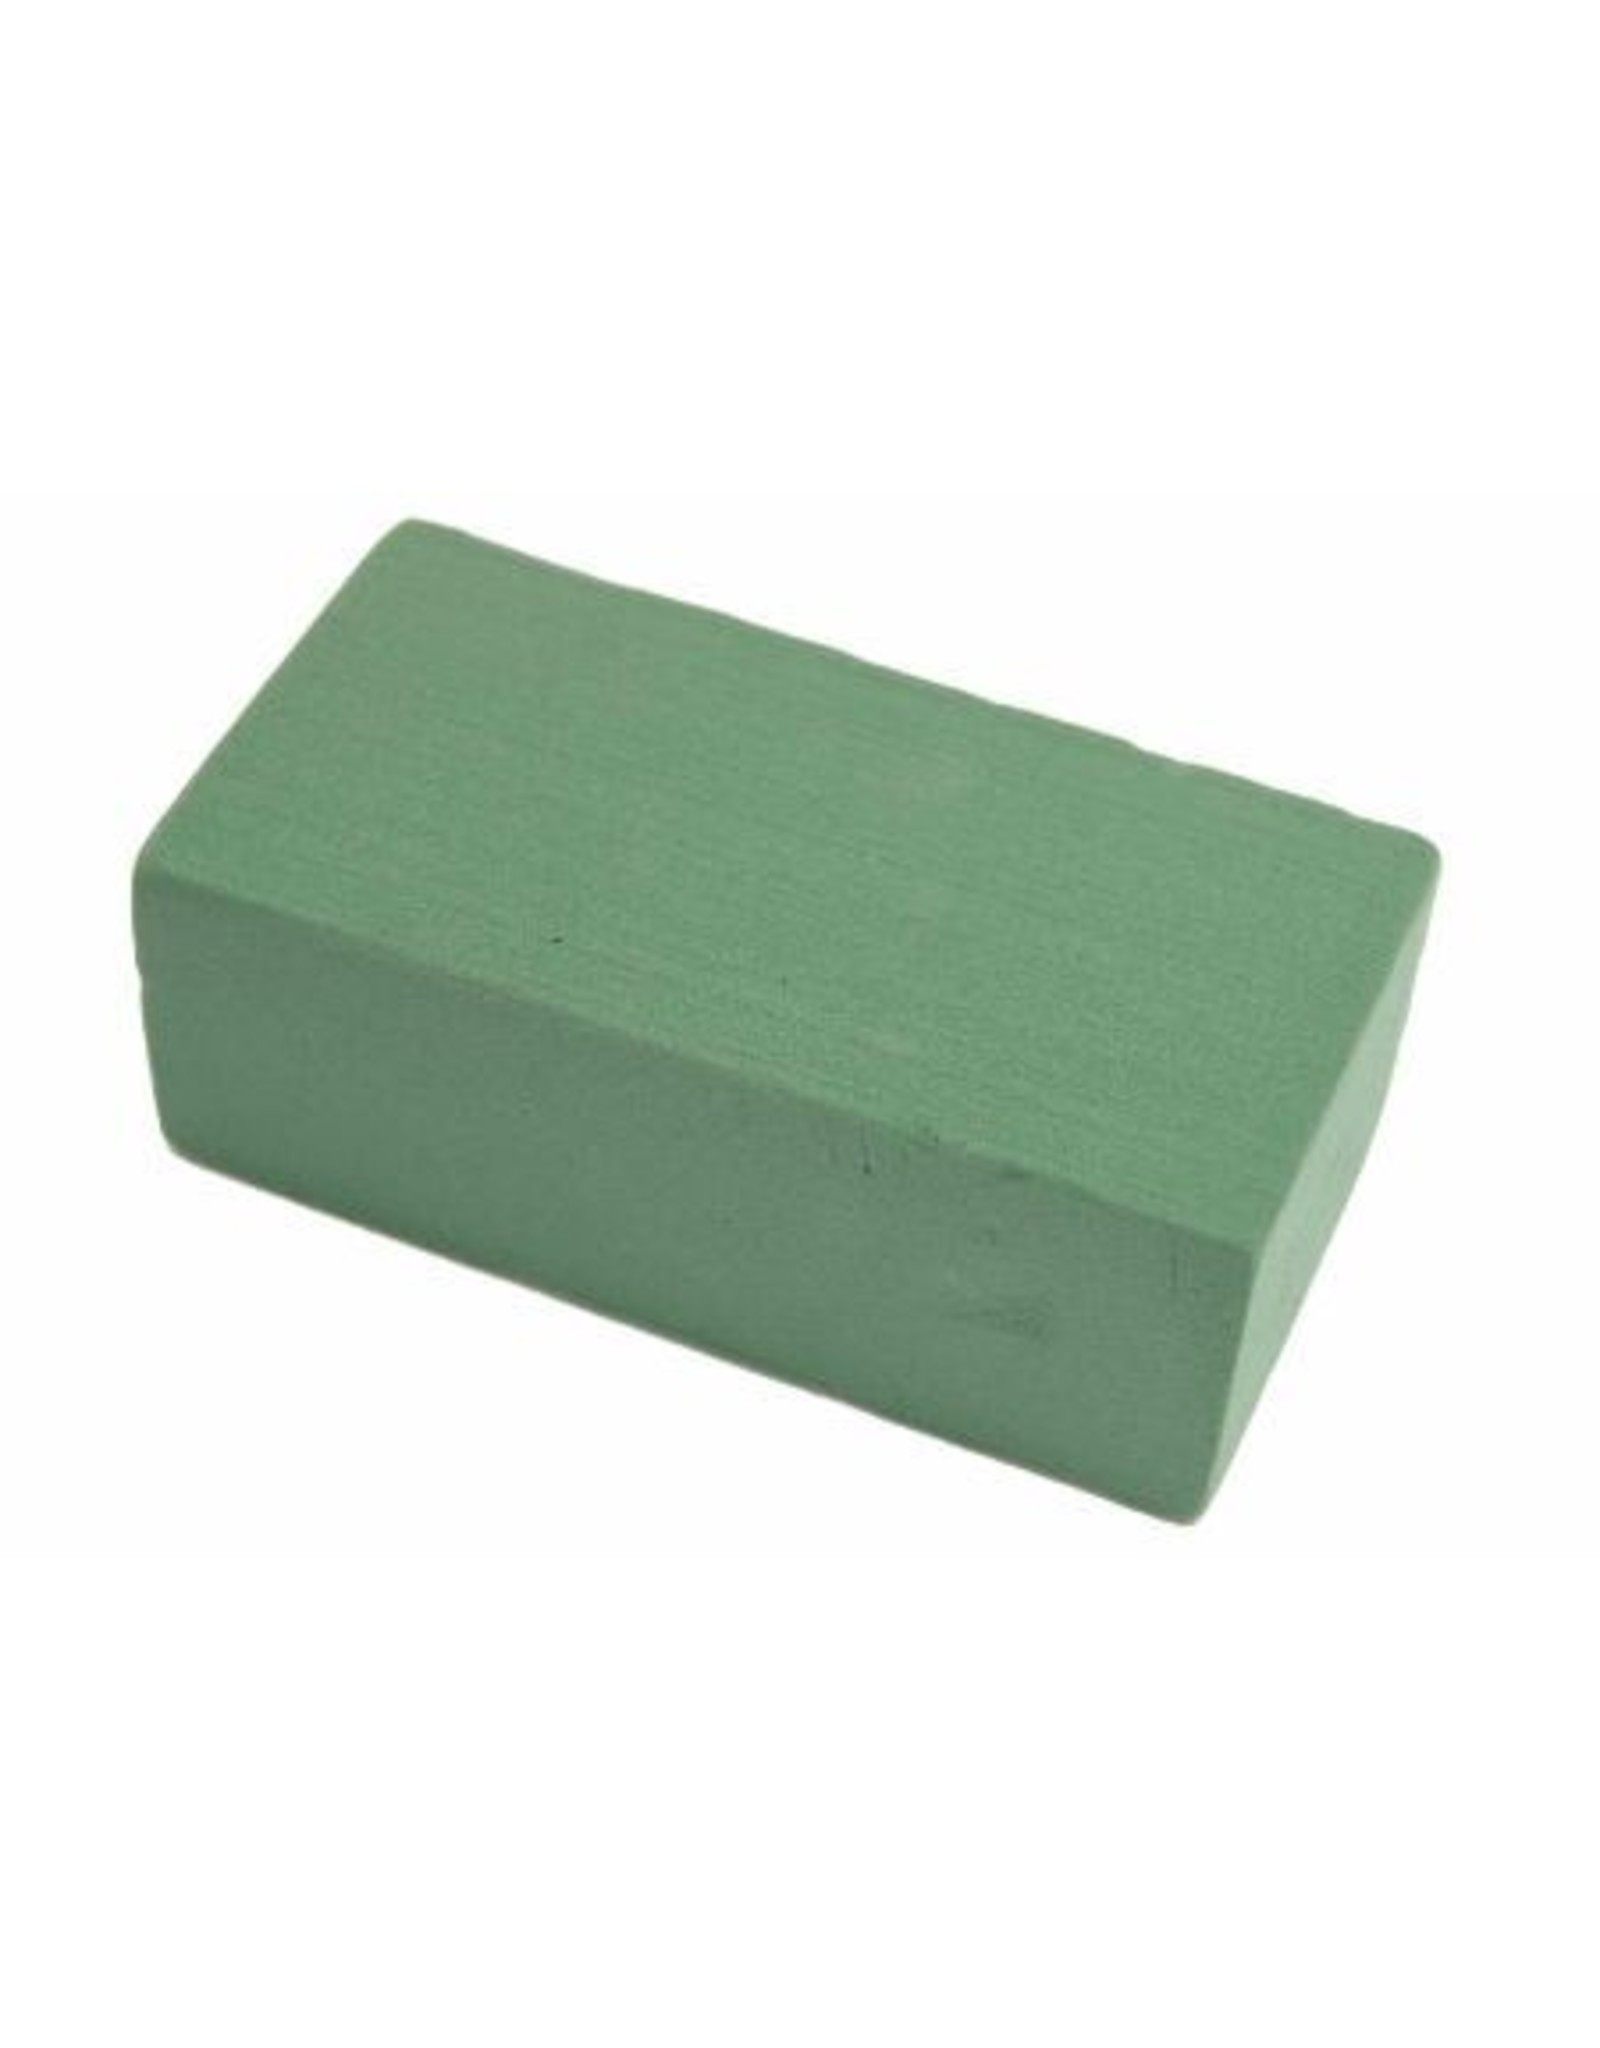 HD Basic Brick Foam Perfect L23.0w11.0h8.0 x 20